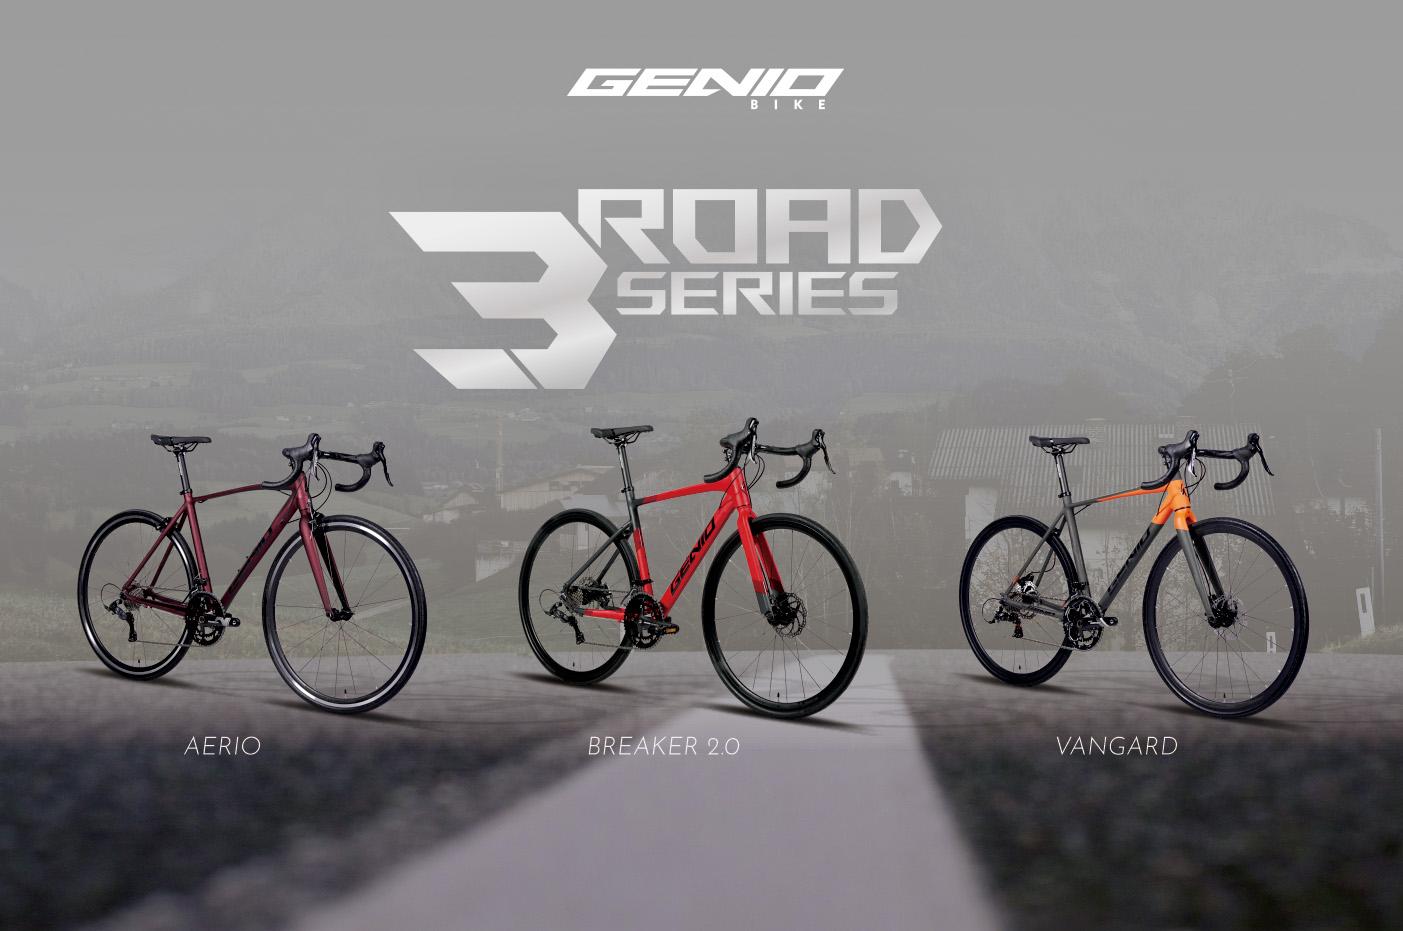 GENIO 3ROAD SERIES: Sepeda Ekonomis Berspesifikasi Tinggi